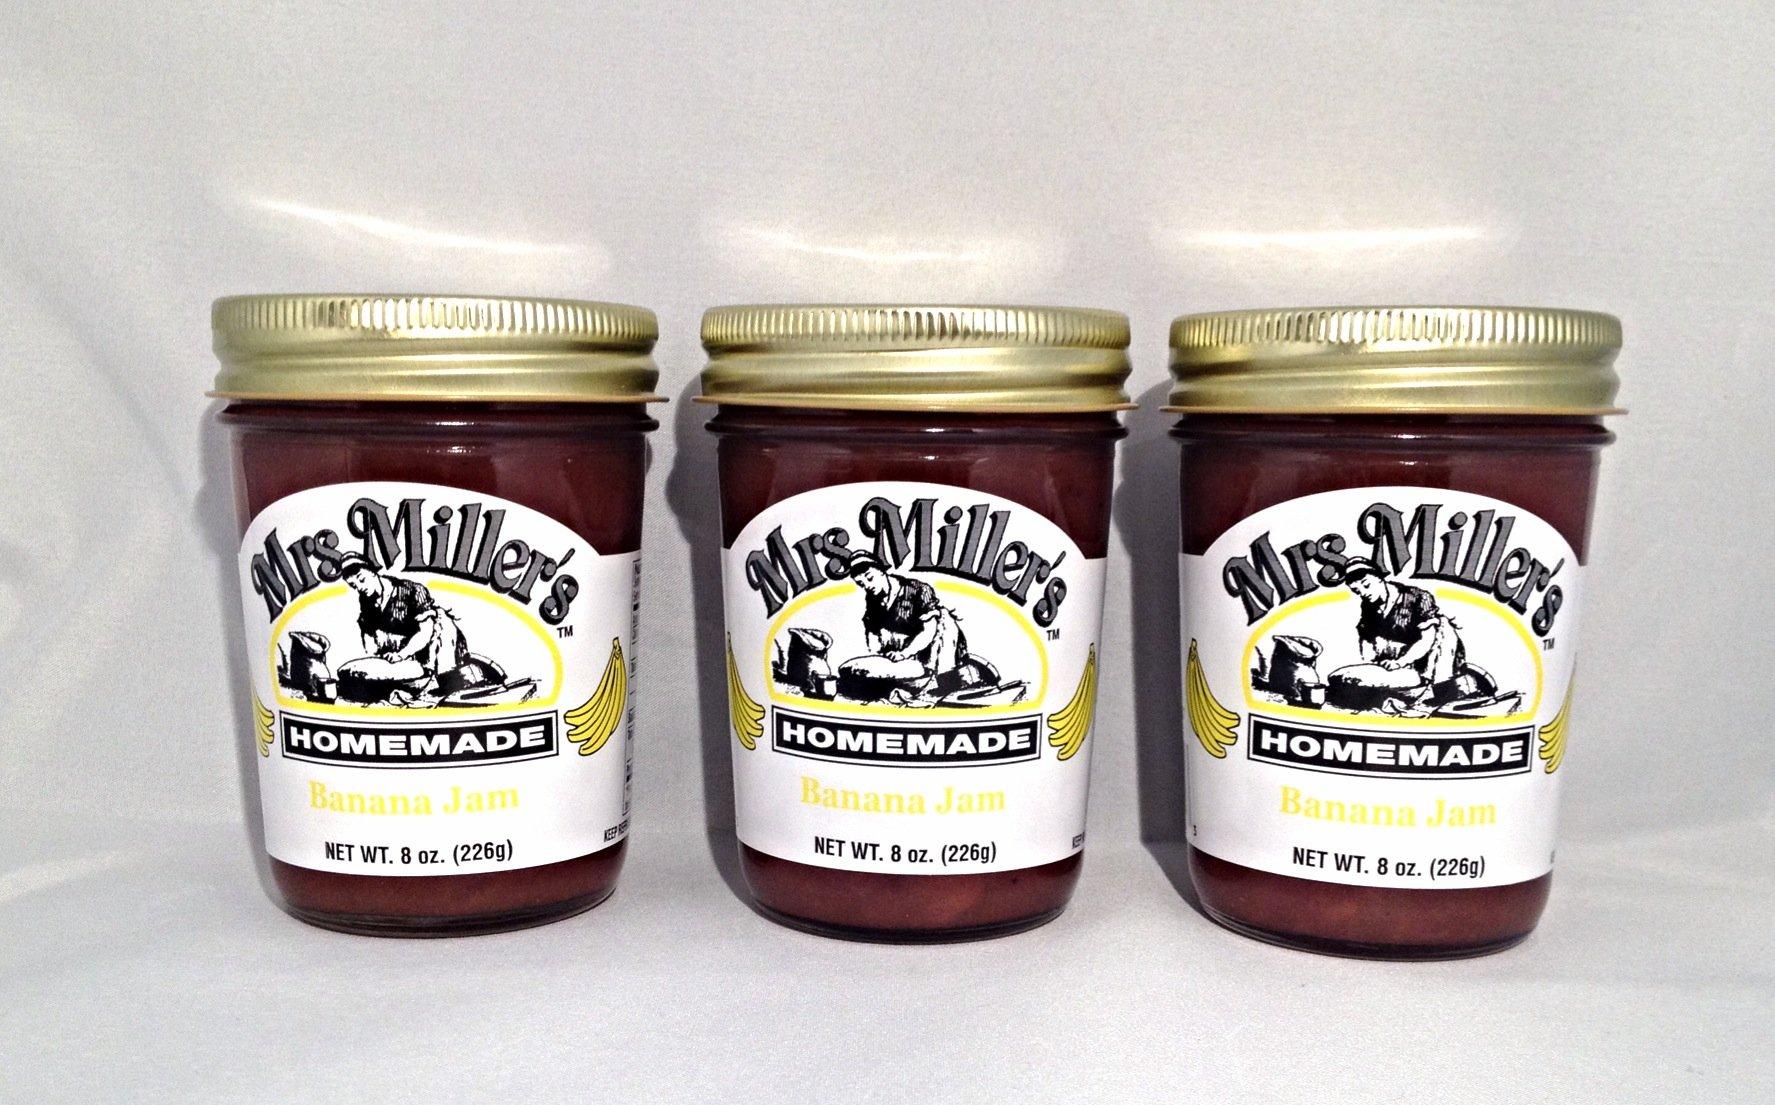 Mrs. Miller's Amish Homemade Banana Jam 8 Oz. - Pack of 3 (Boxed)